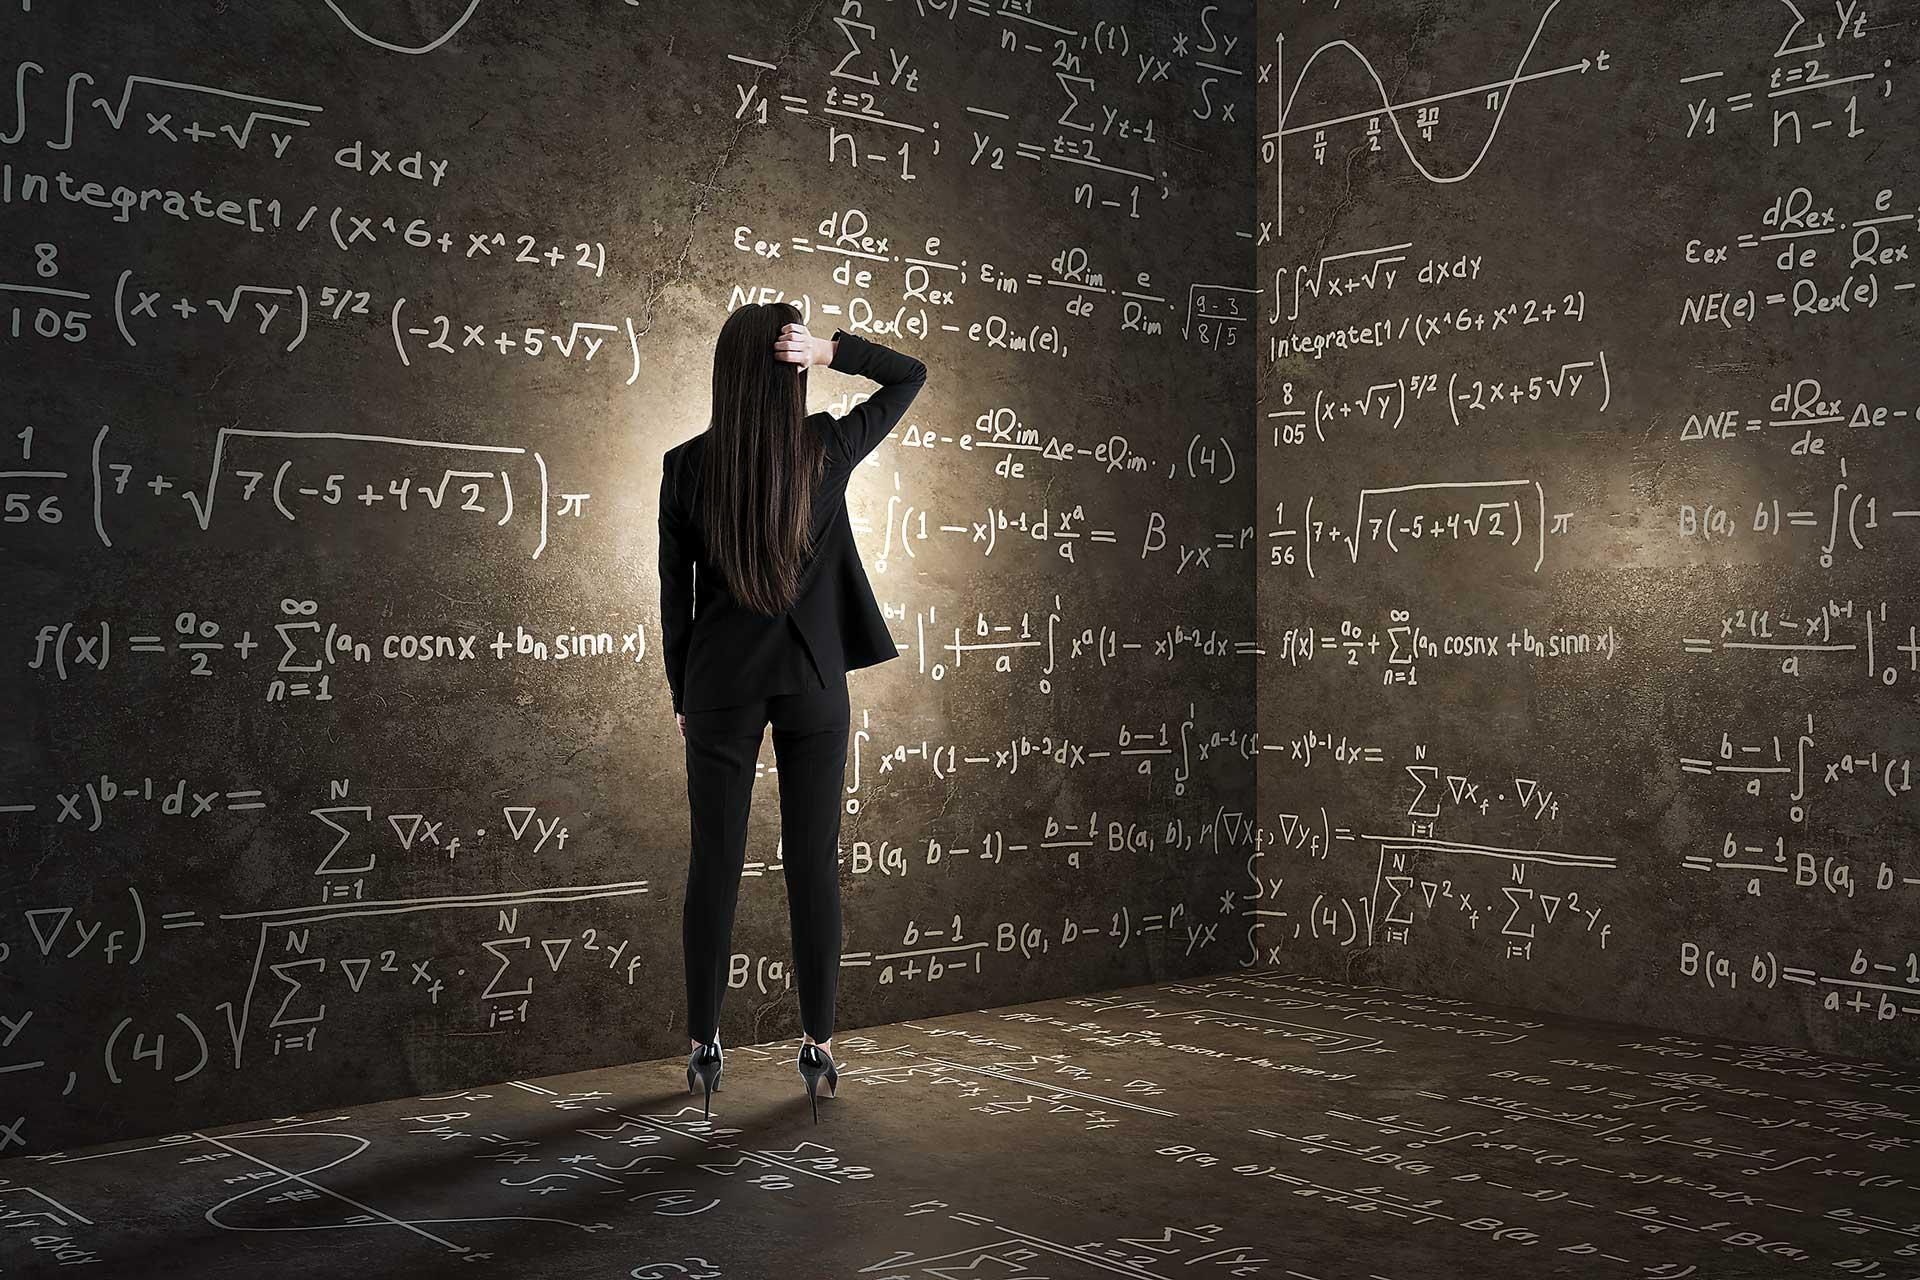 Noțiunea RADICAL în contextul matematicii